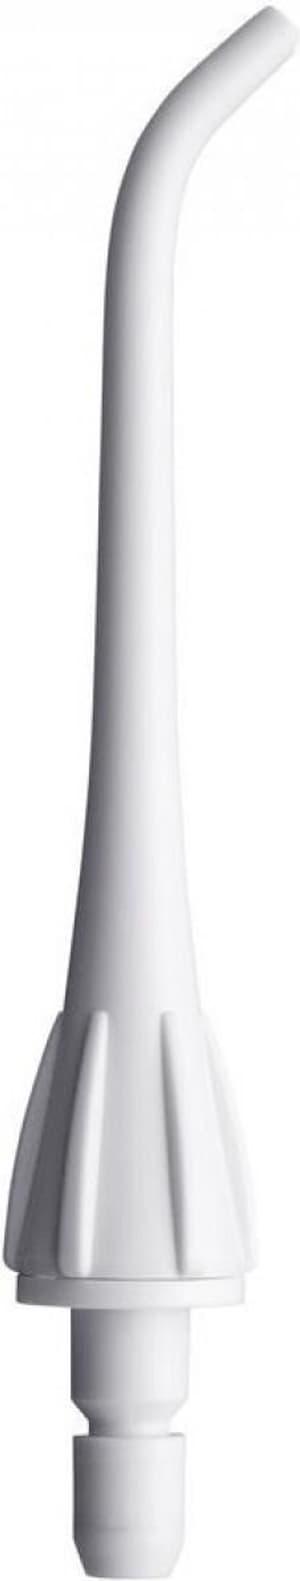 EW0955W503